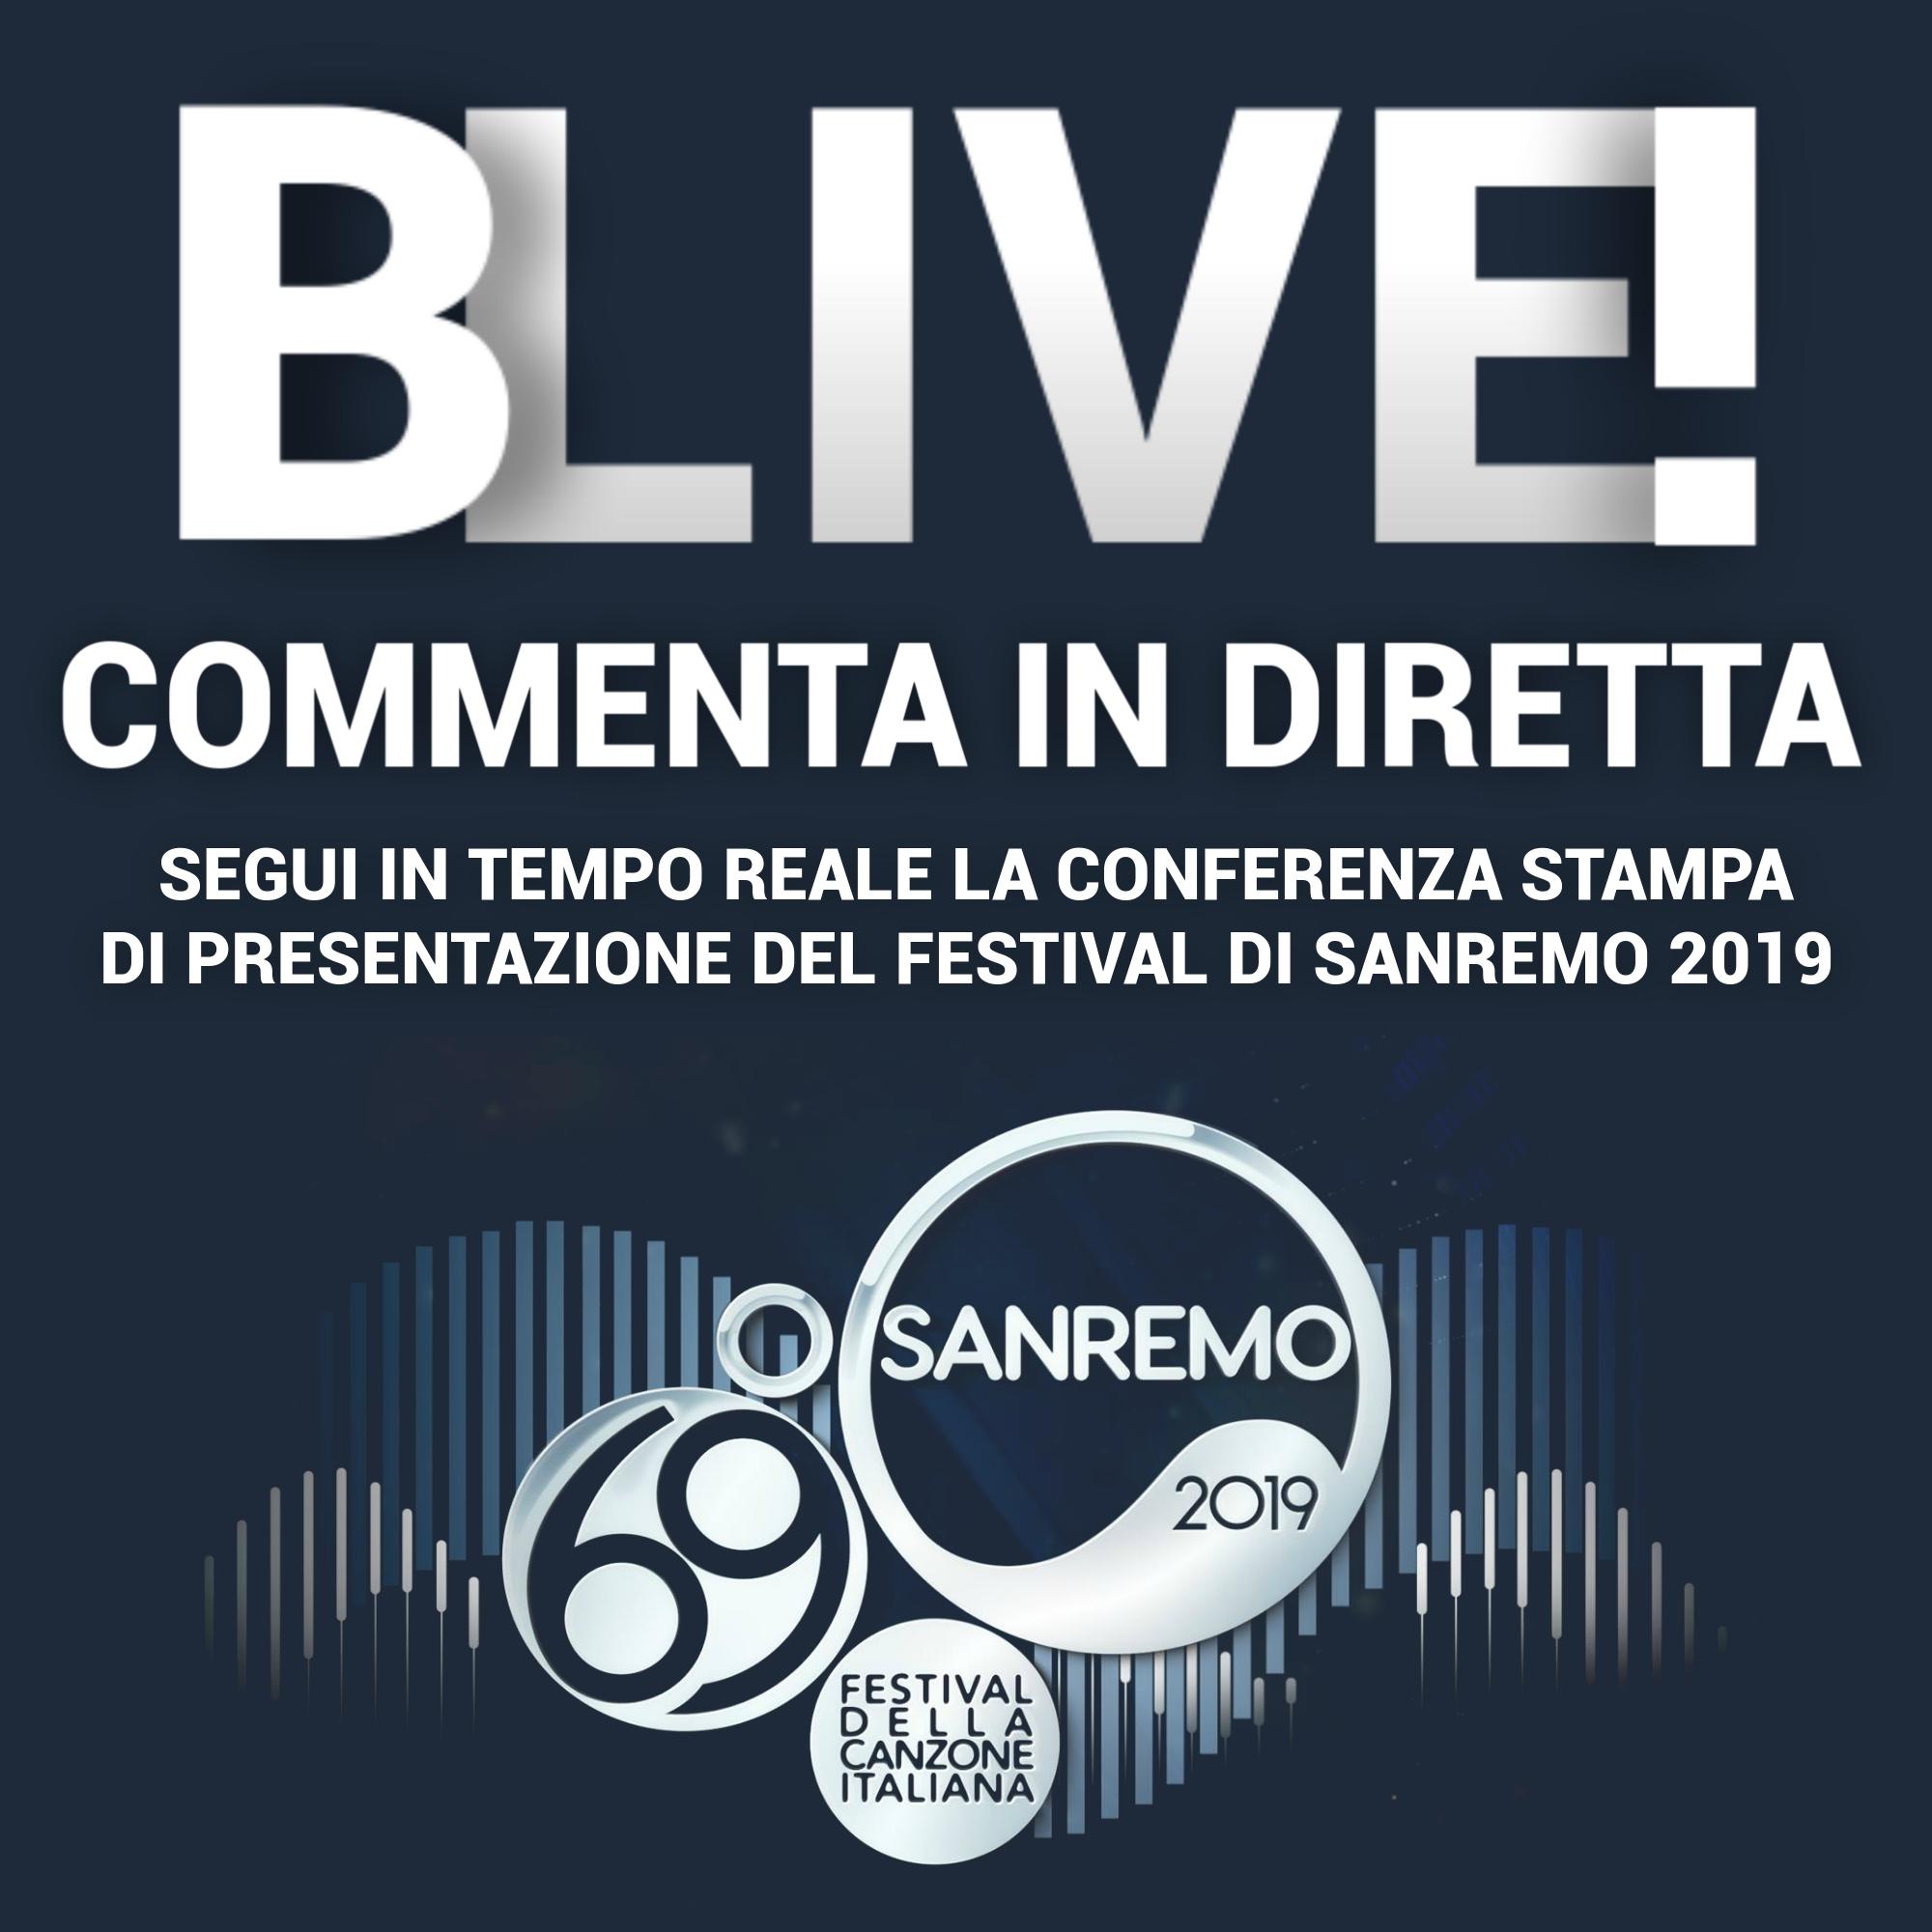 CONFERENZA STAMPA DEL FESTIVAL DI SANREMO 2019